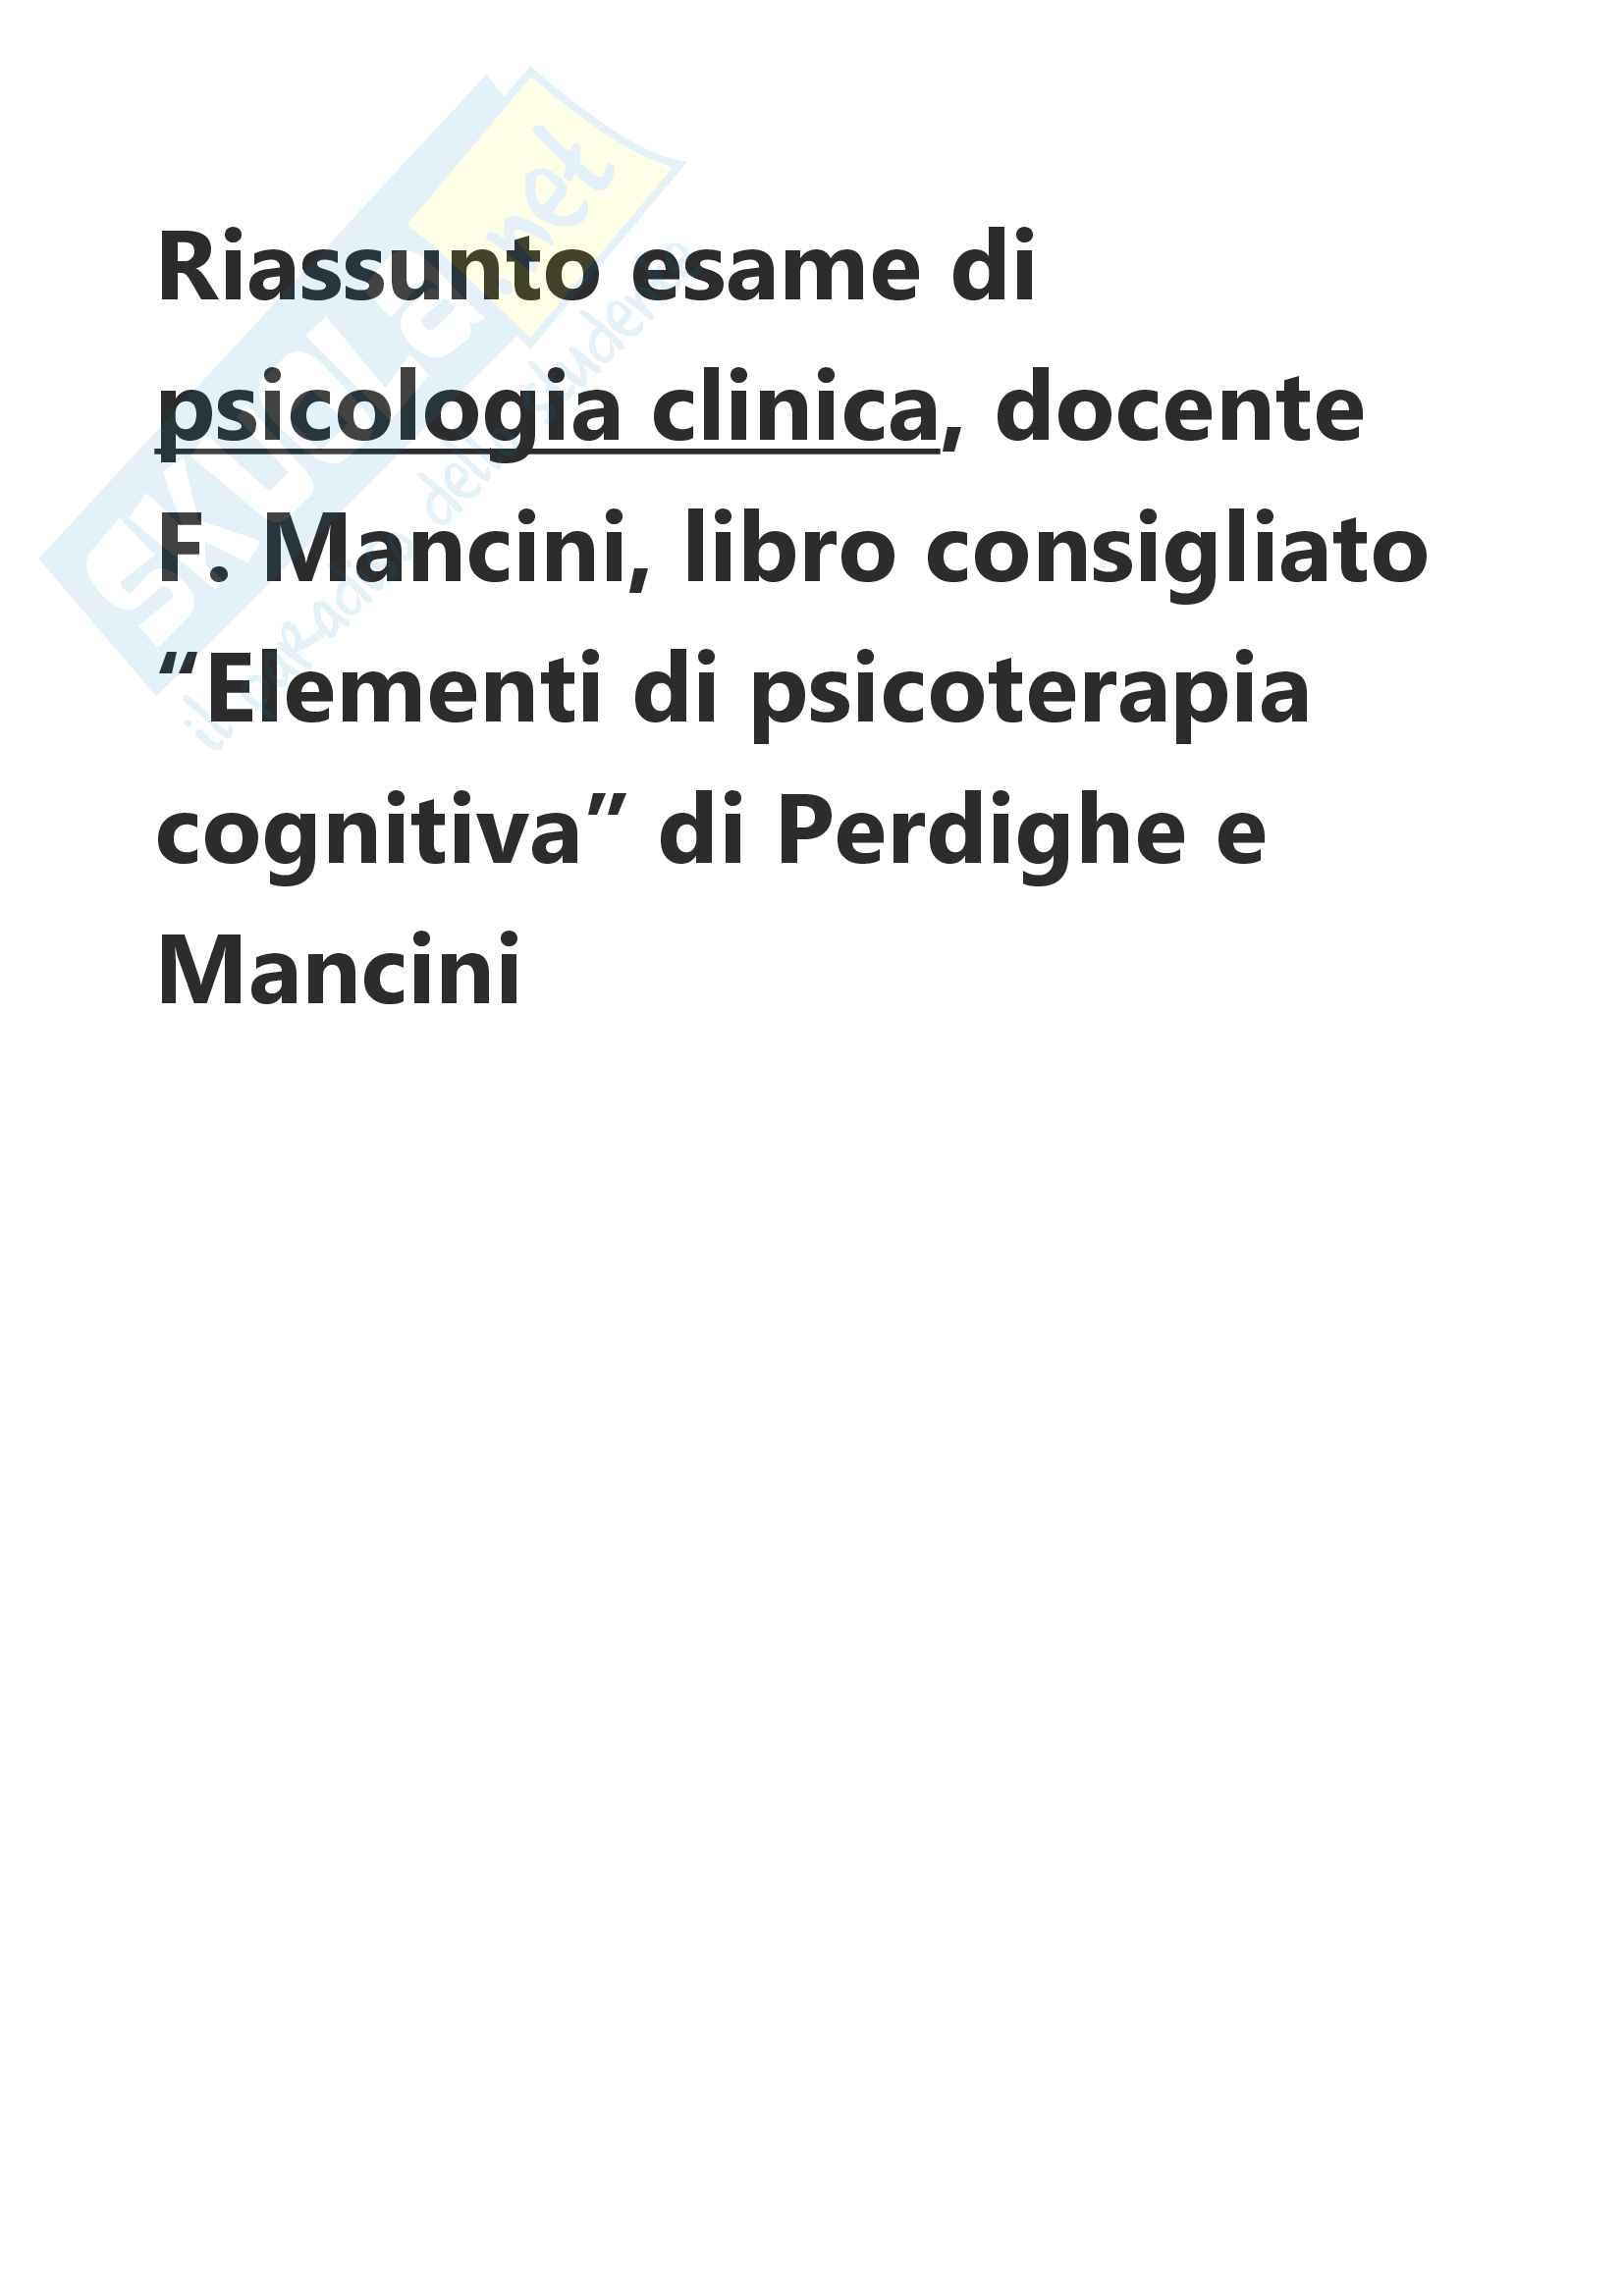 Riassunto esame di psicologia clinica, docente F. Mancini, libro consigliato Elementi di psicoterapia cognitiva di Perdighe e Mancini